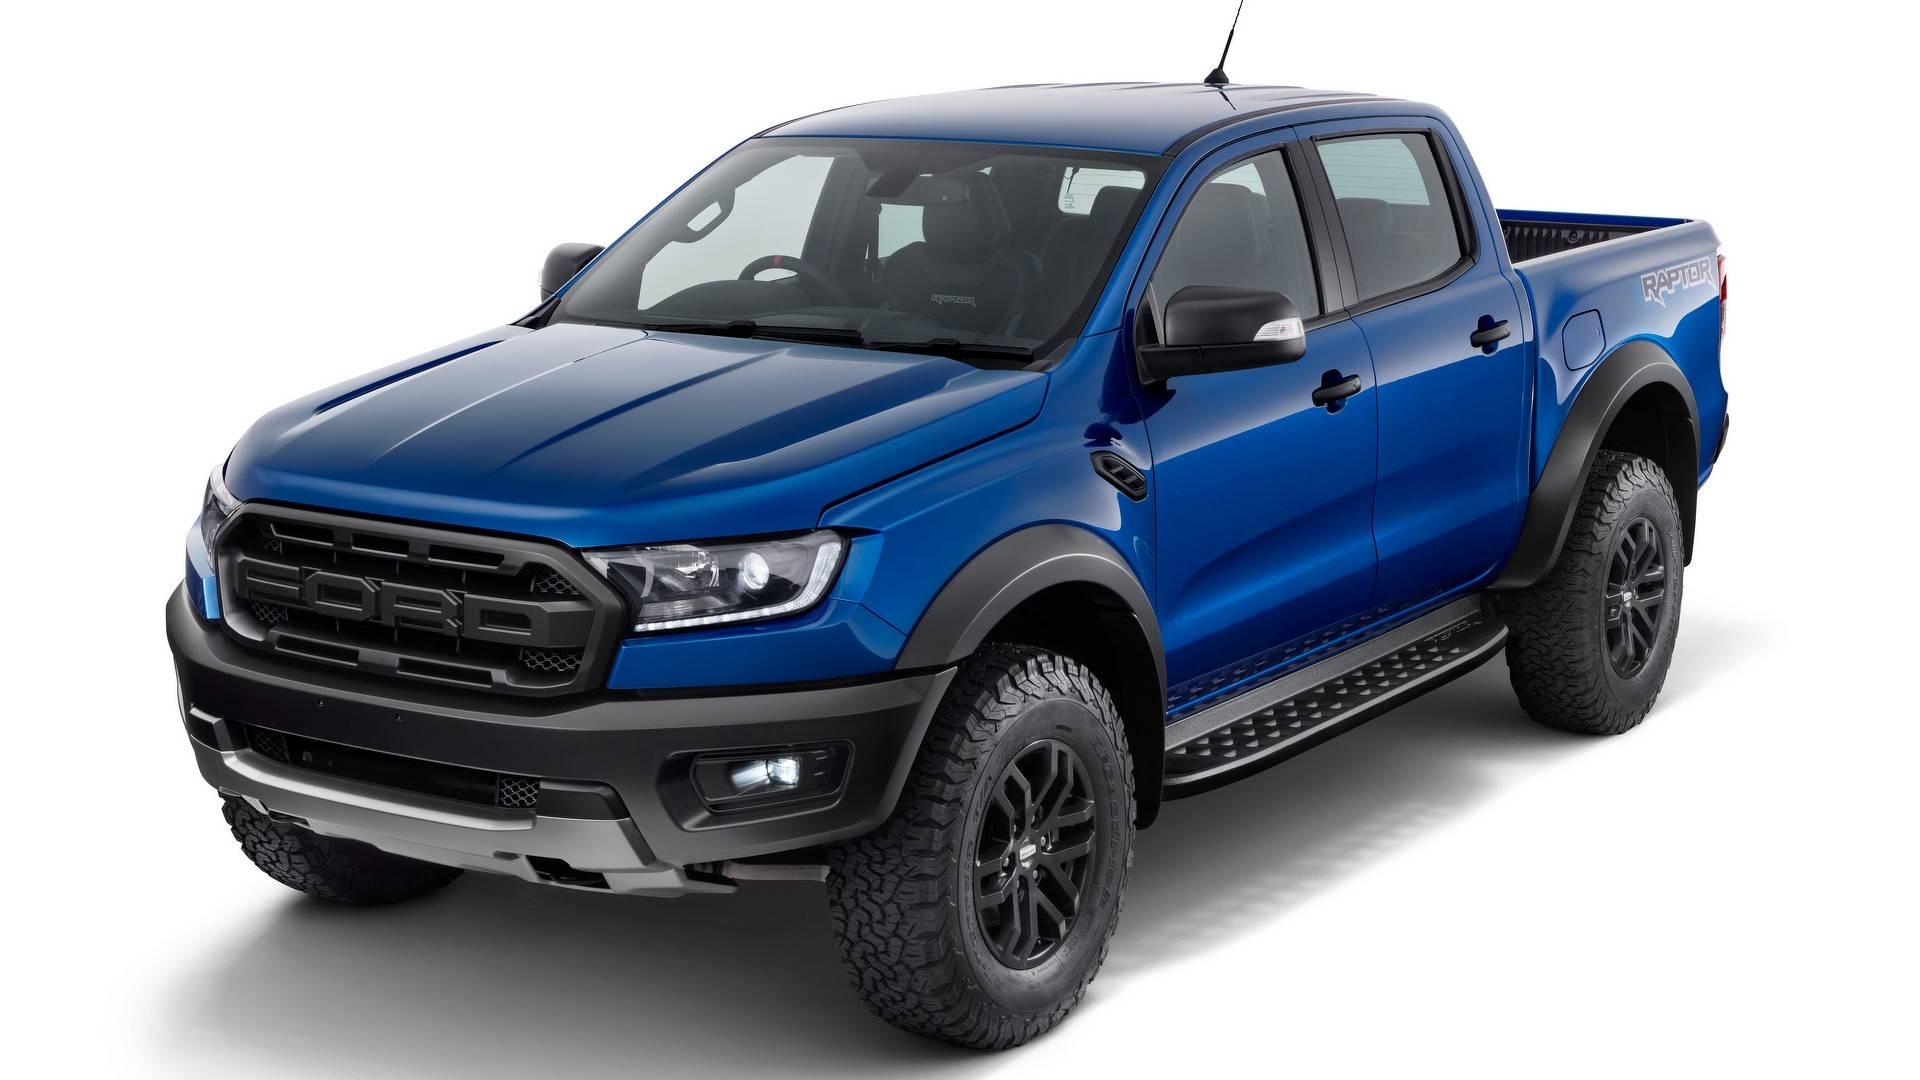 Vì sao Ford chọn động cơ 04 xy-lanh 2.0L cho Ranger Raptor 2018? - 1